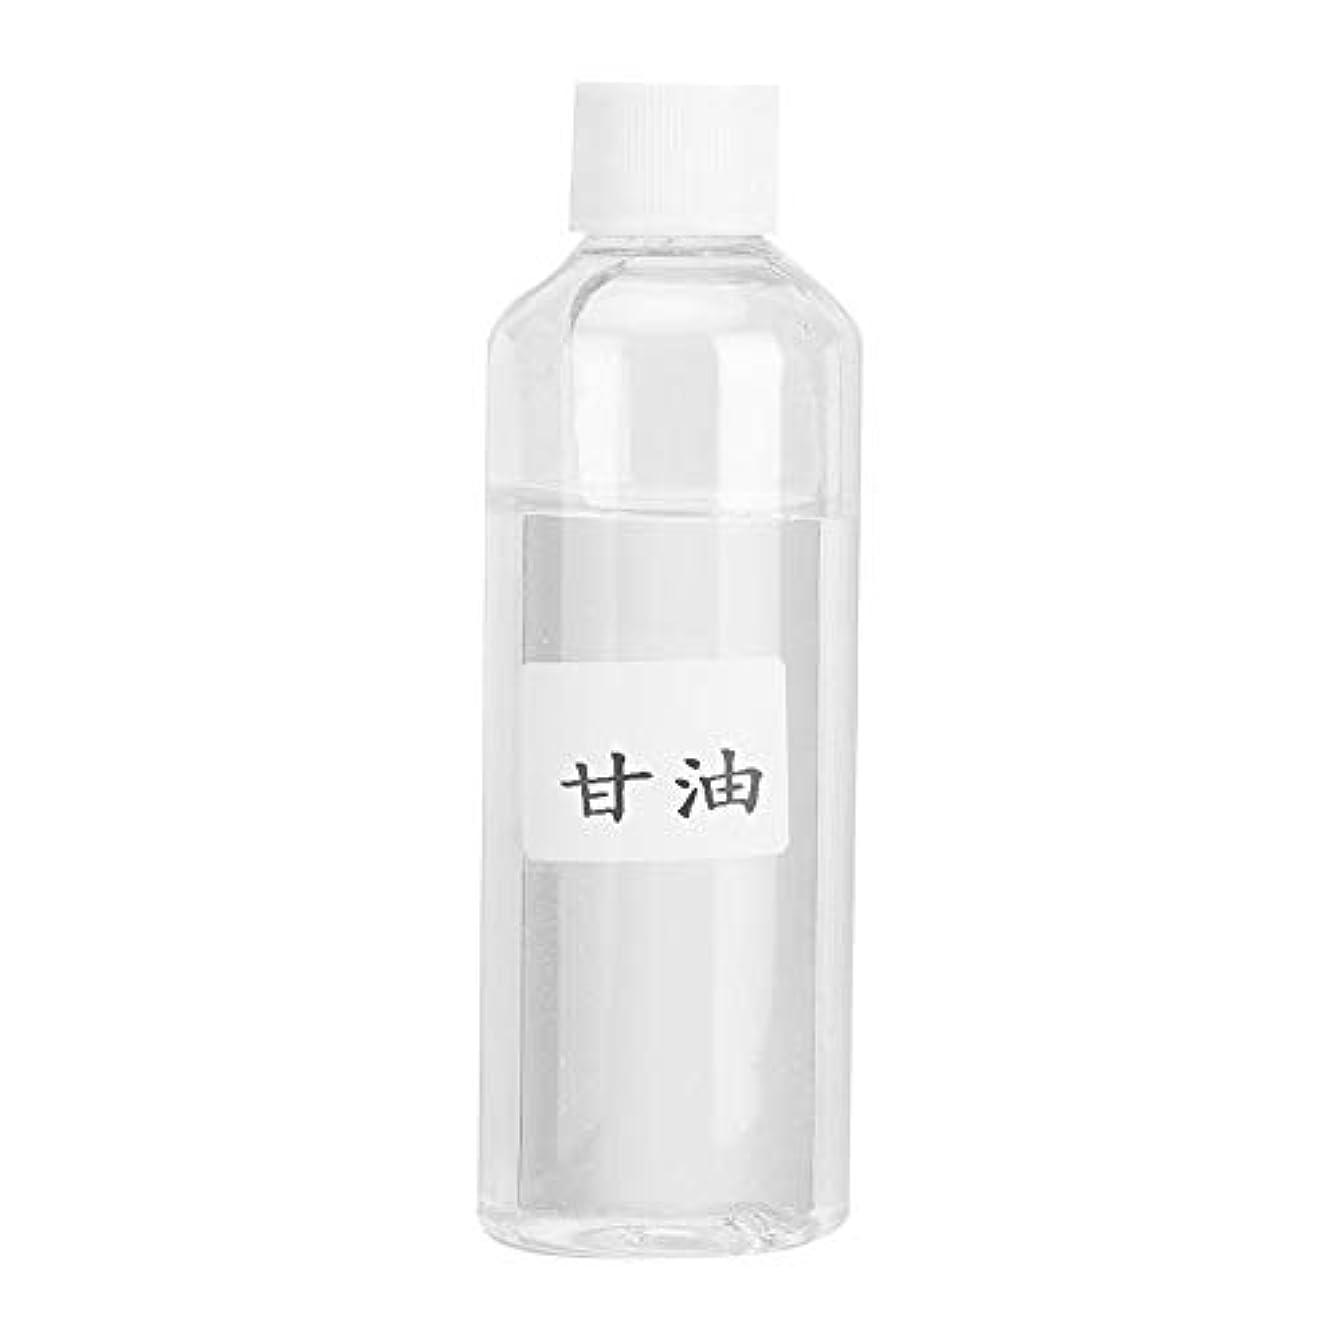 相互接続ホールドオールあなたは化粧品原料 化粧品DIY原料 グリセロール植物水分原料を作る